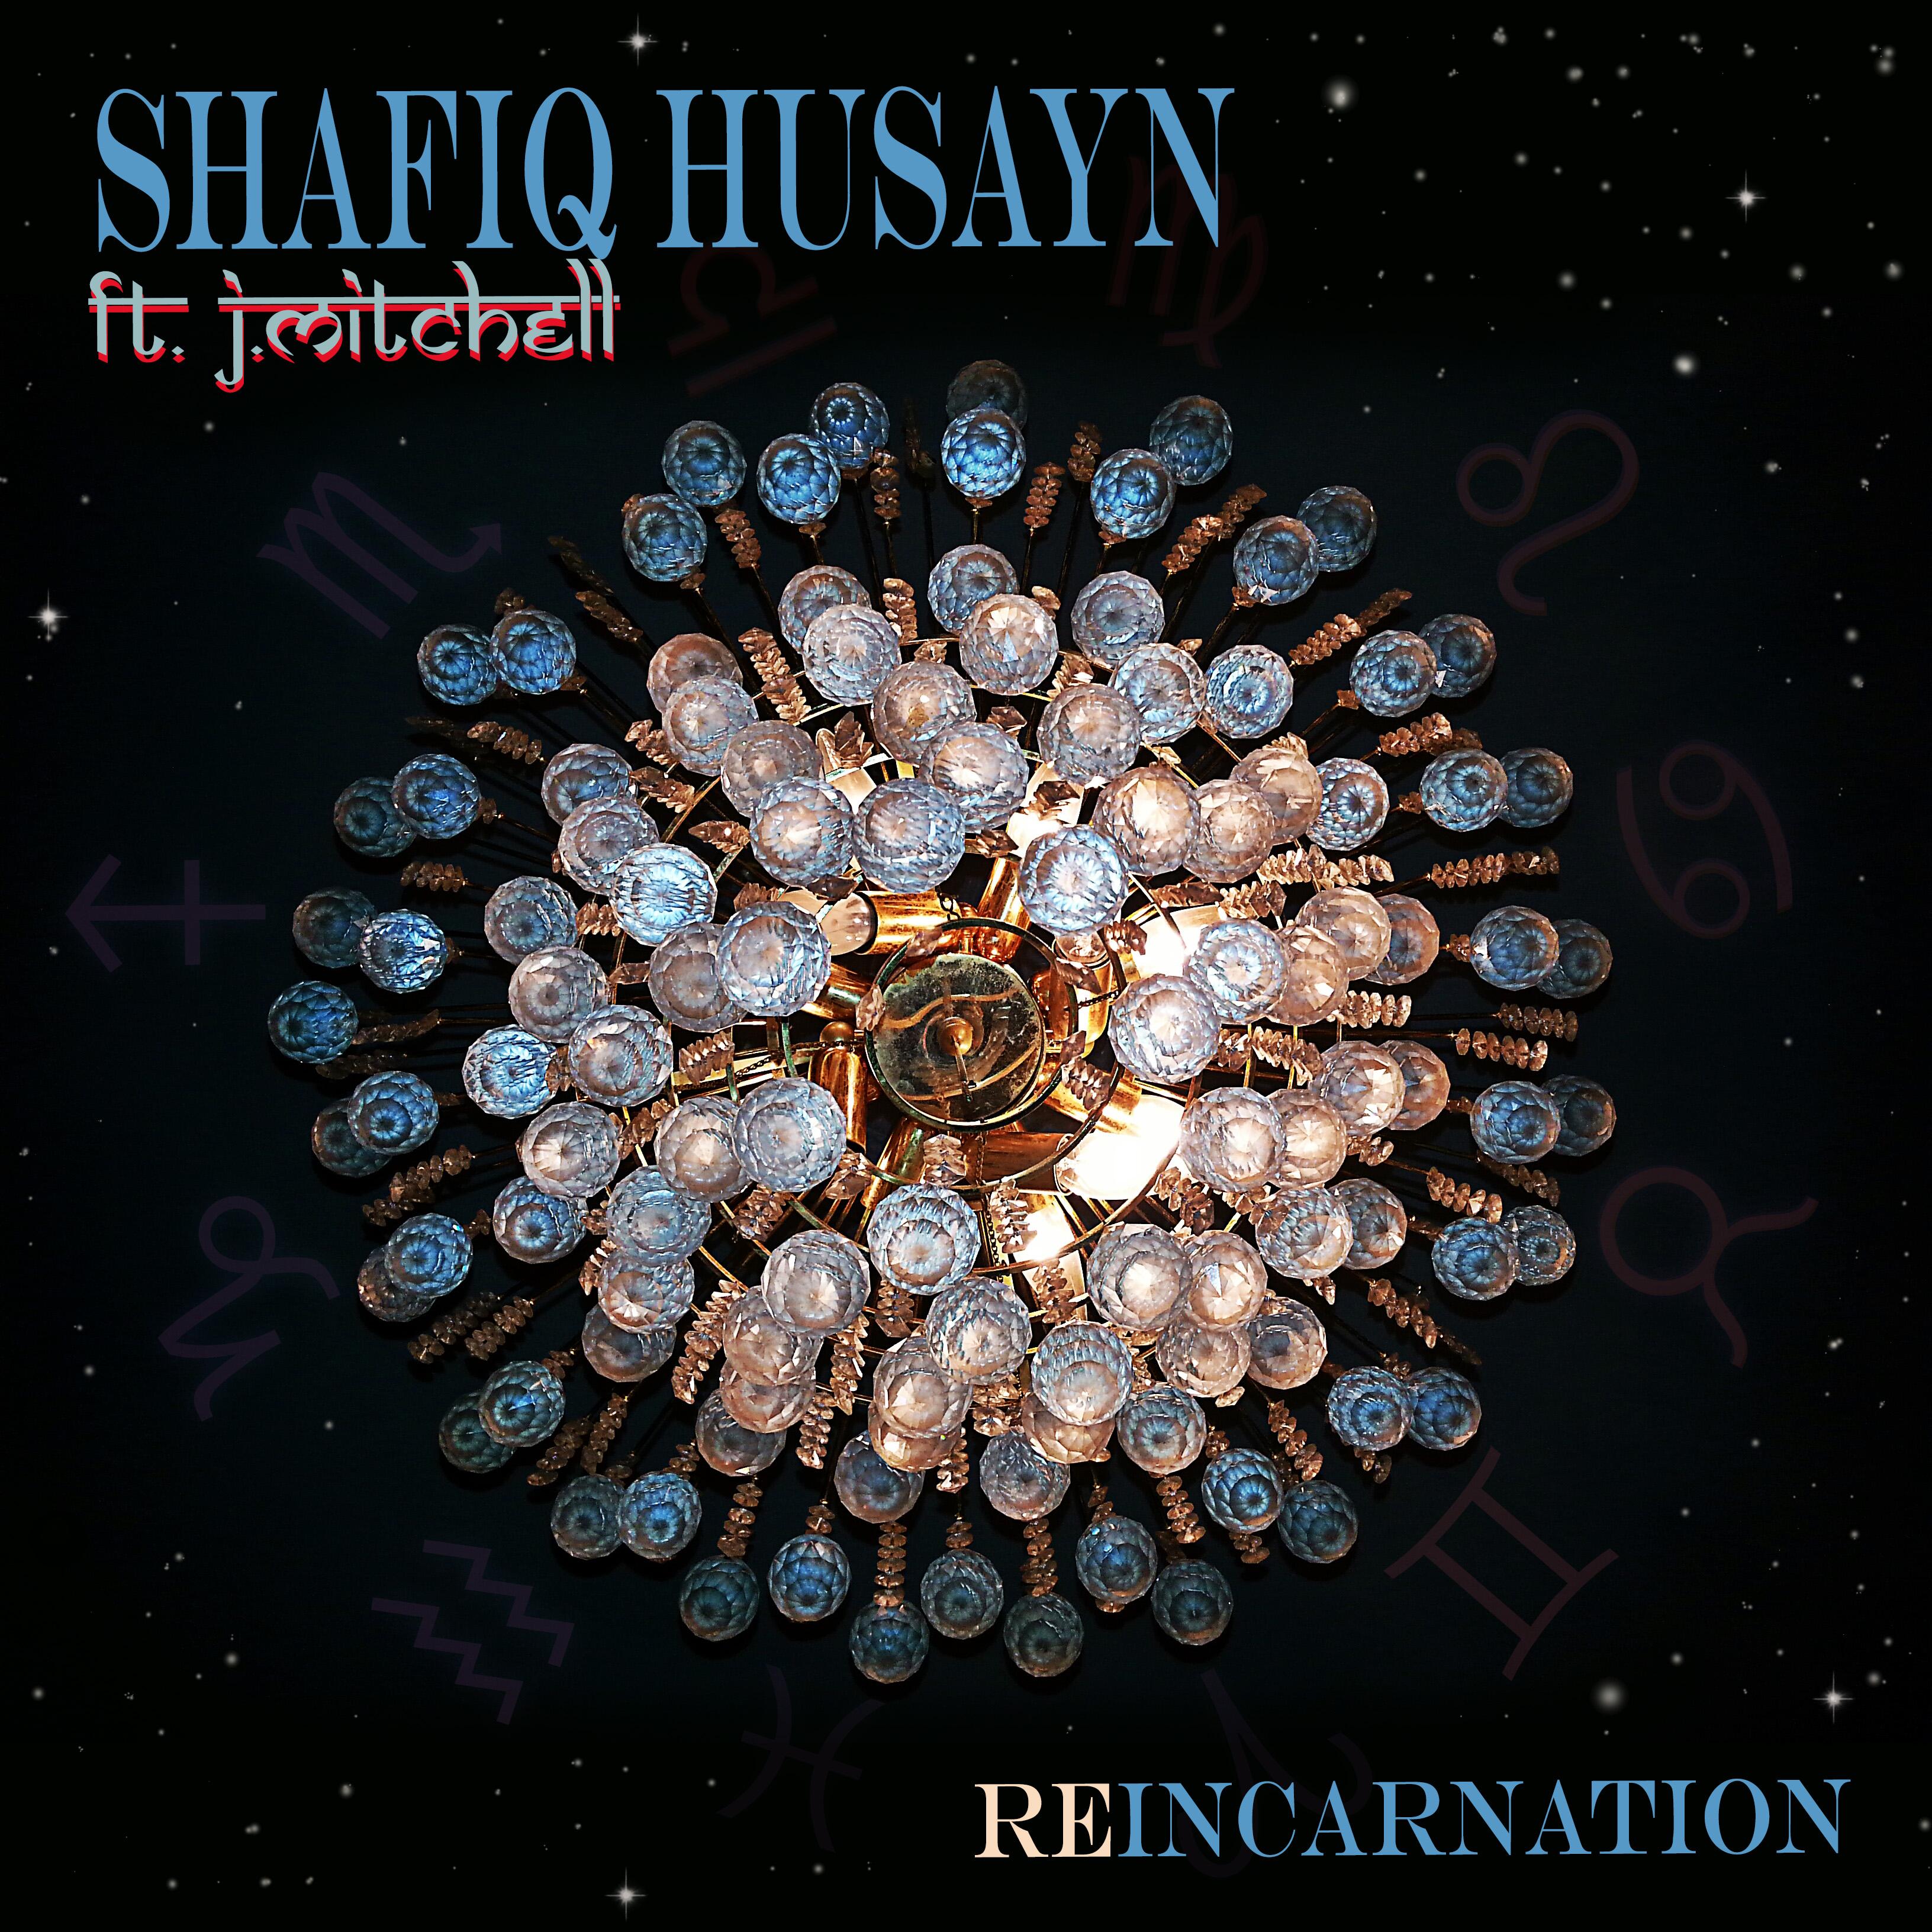 Stream: Shafiq Husayn – Reincarnation (feat. J. Mitchell)